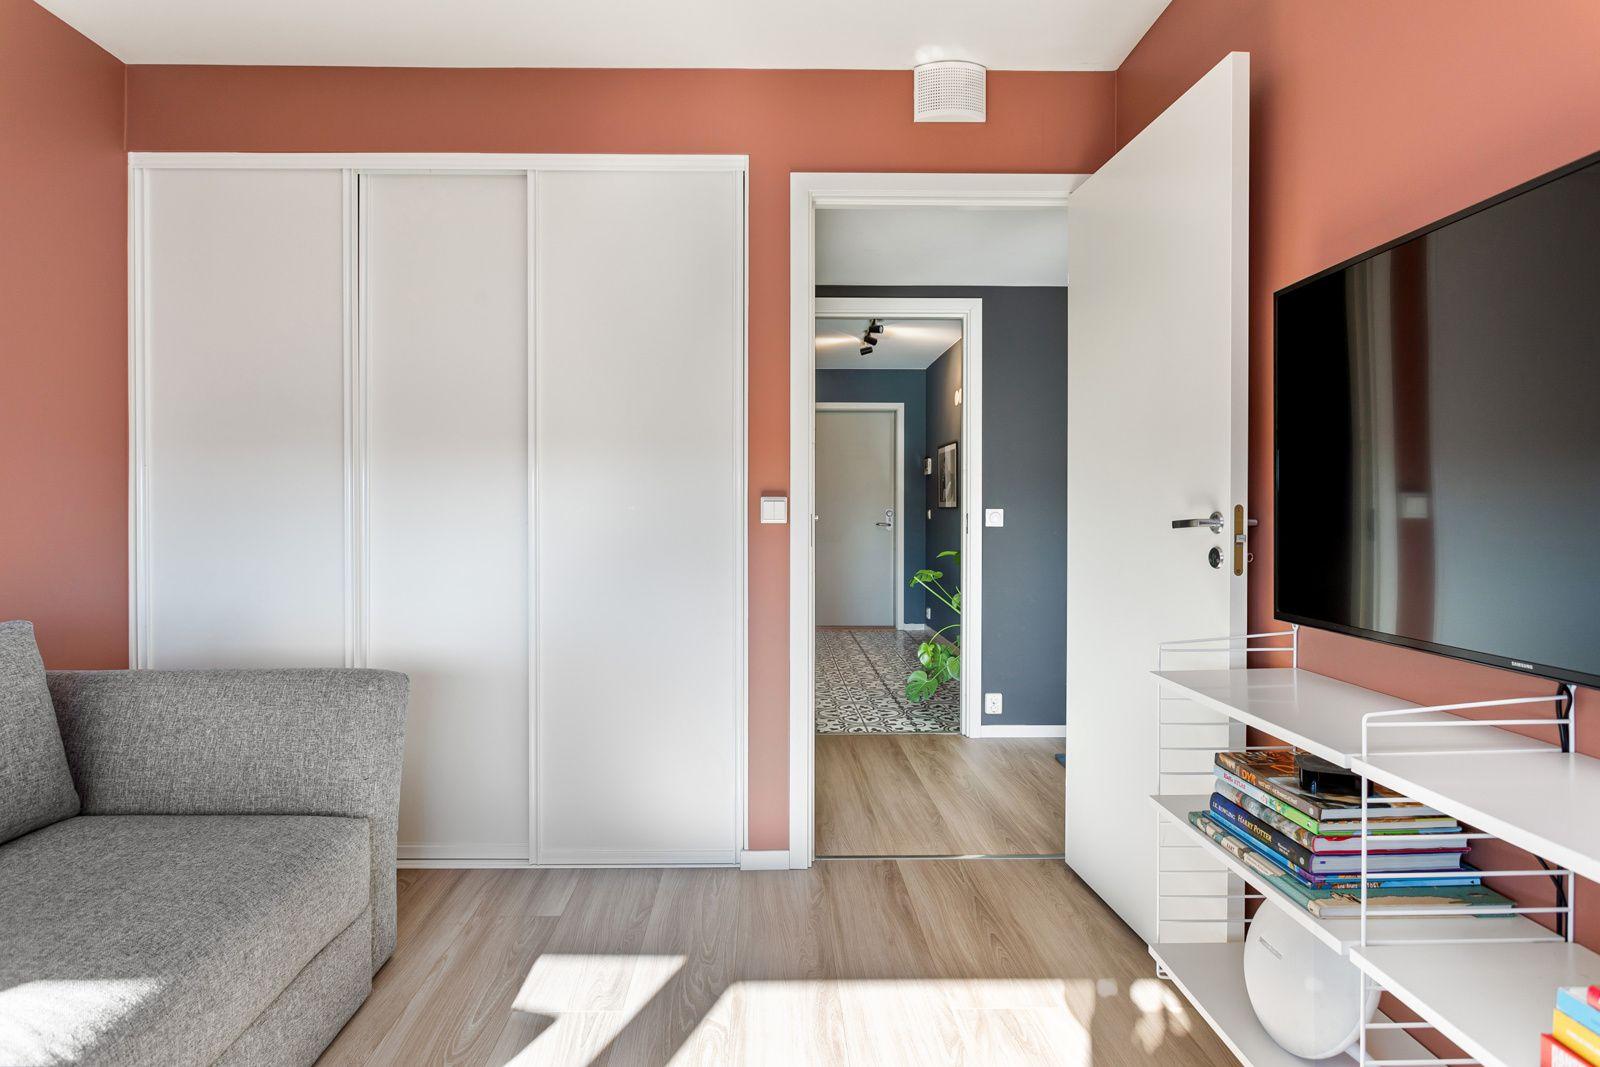 Sandakerveien 22 H På soverommet har du plass til seng, kontorpult og garderobeløsninger etter eget ønske og behov. Også her har du et praktisk omkledningsrom bak skyvedørene.